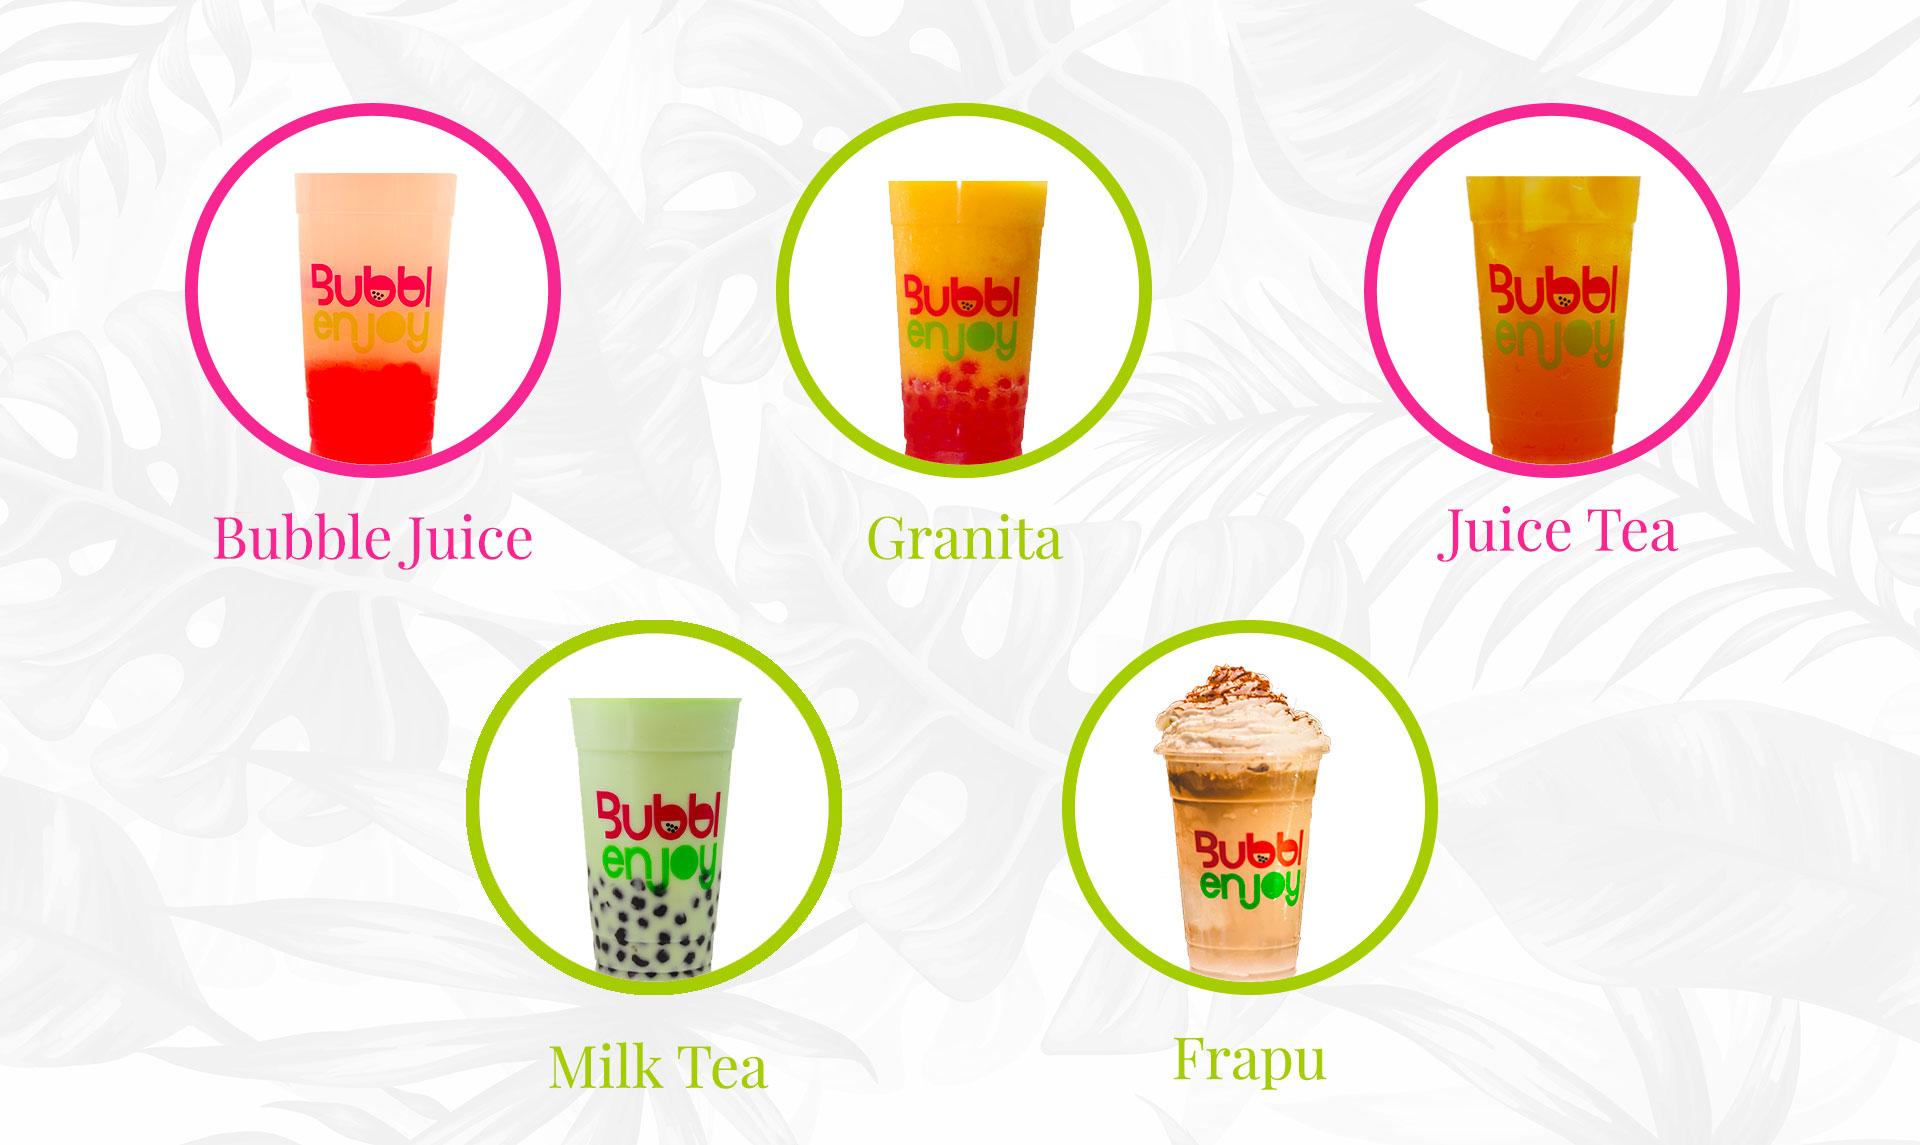 Notre carte des boissons